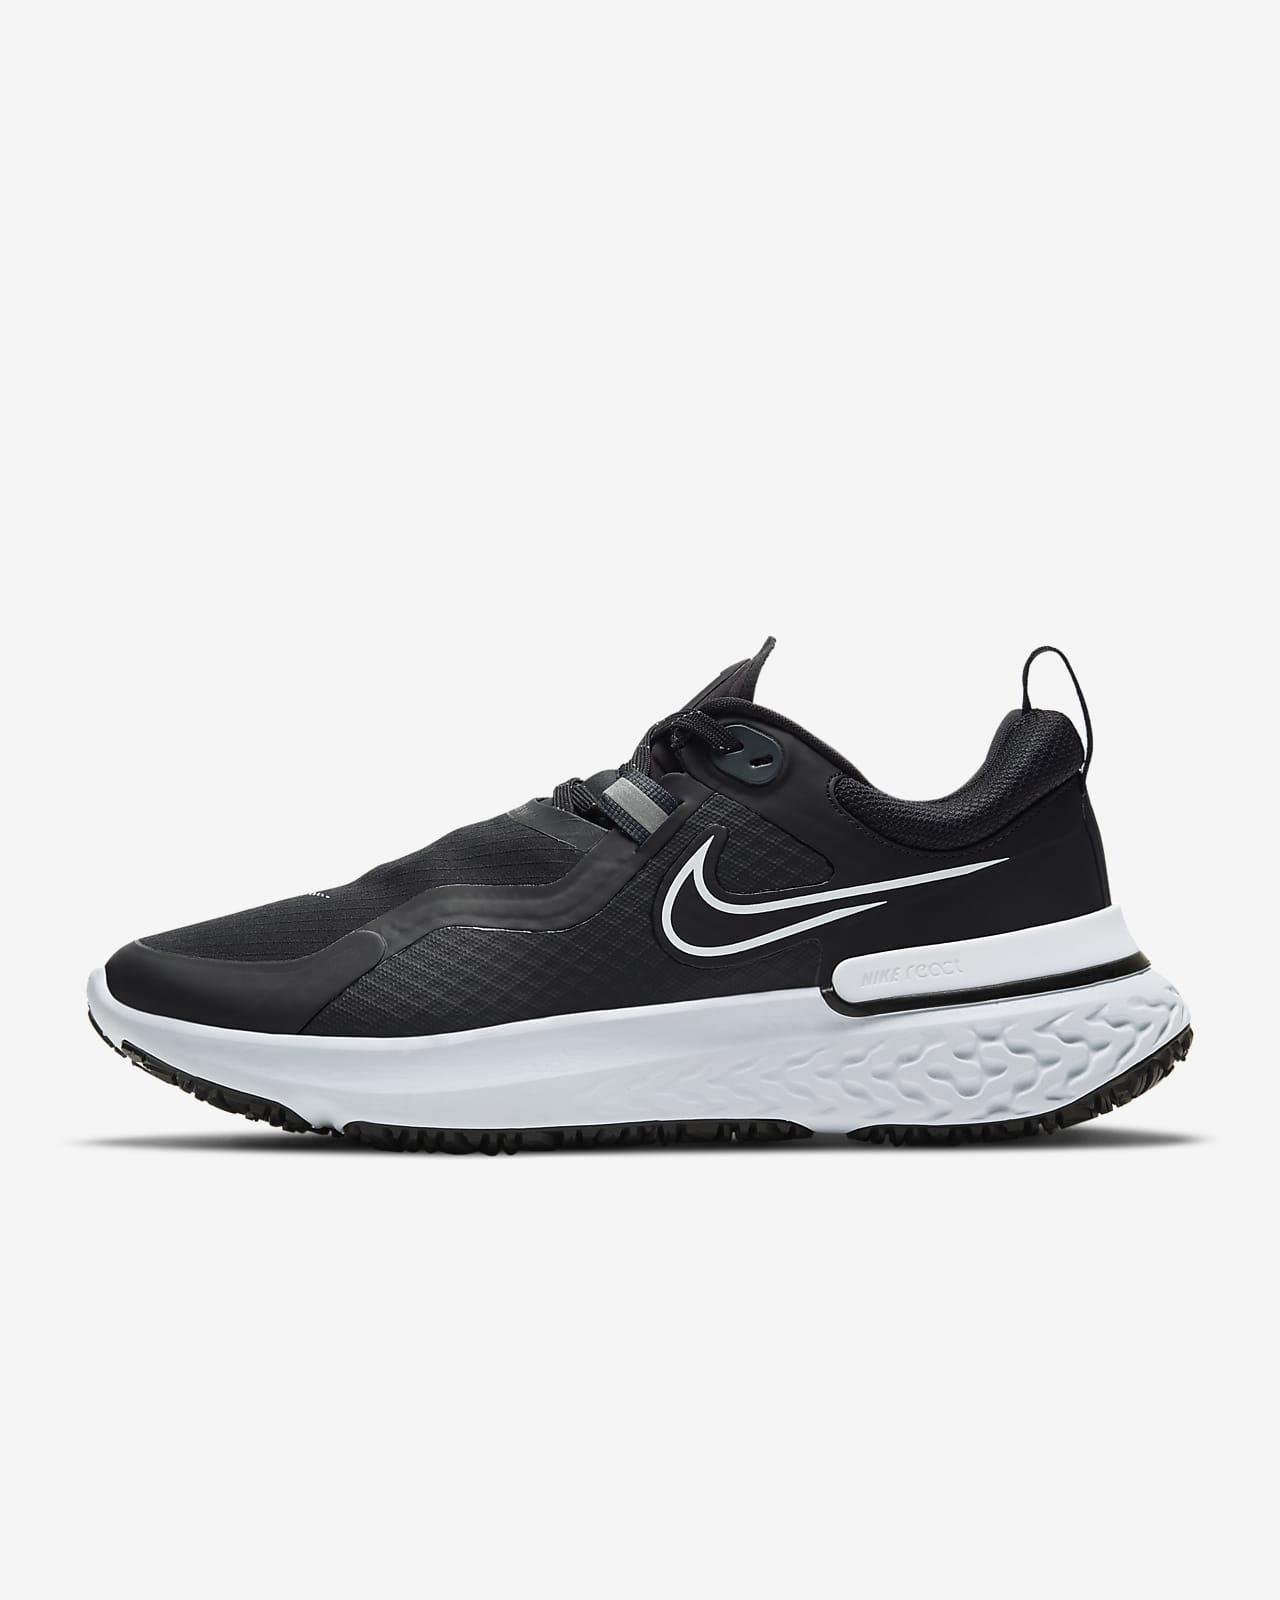 Женские беговые кроссовки Nike React Miler Shield